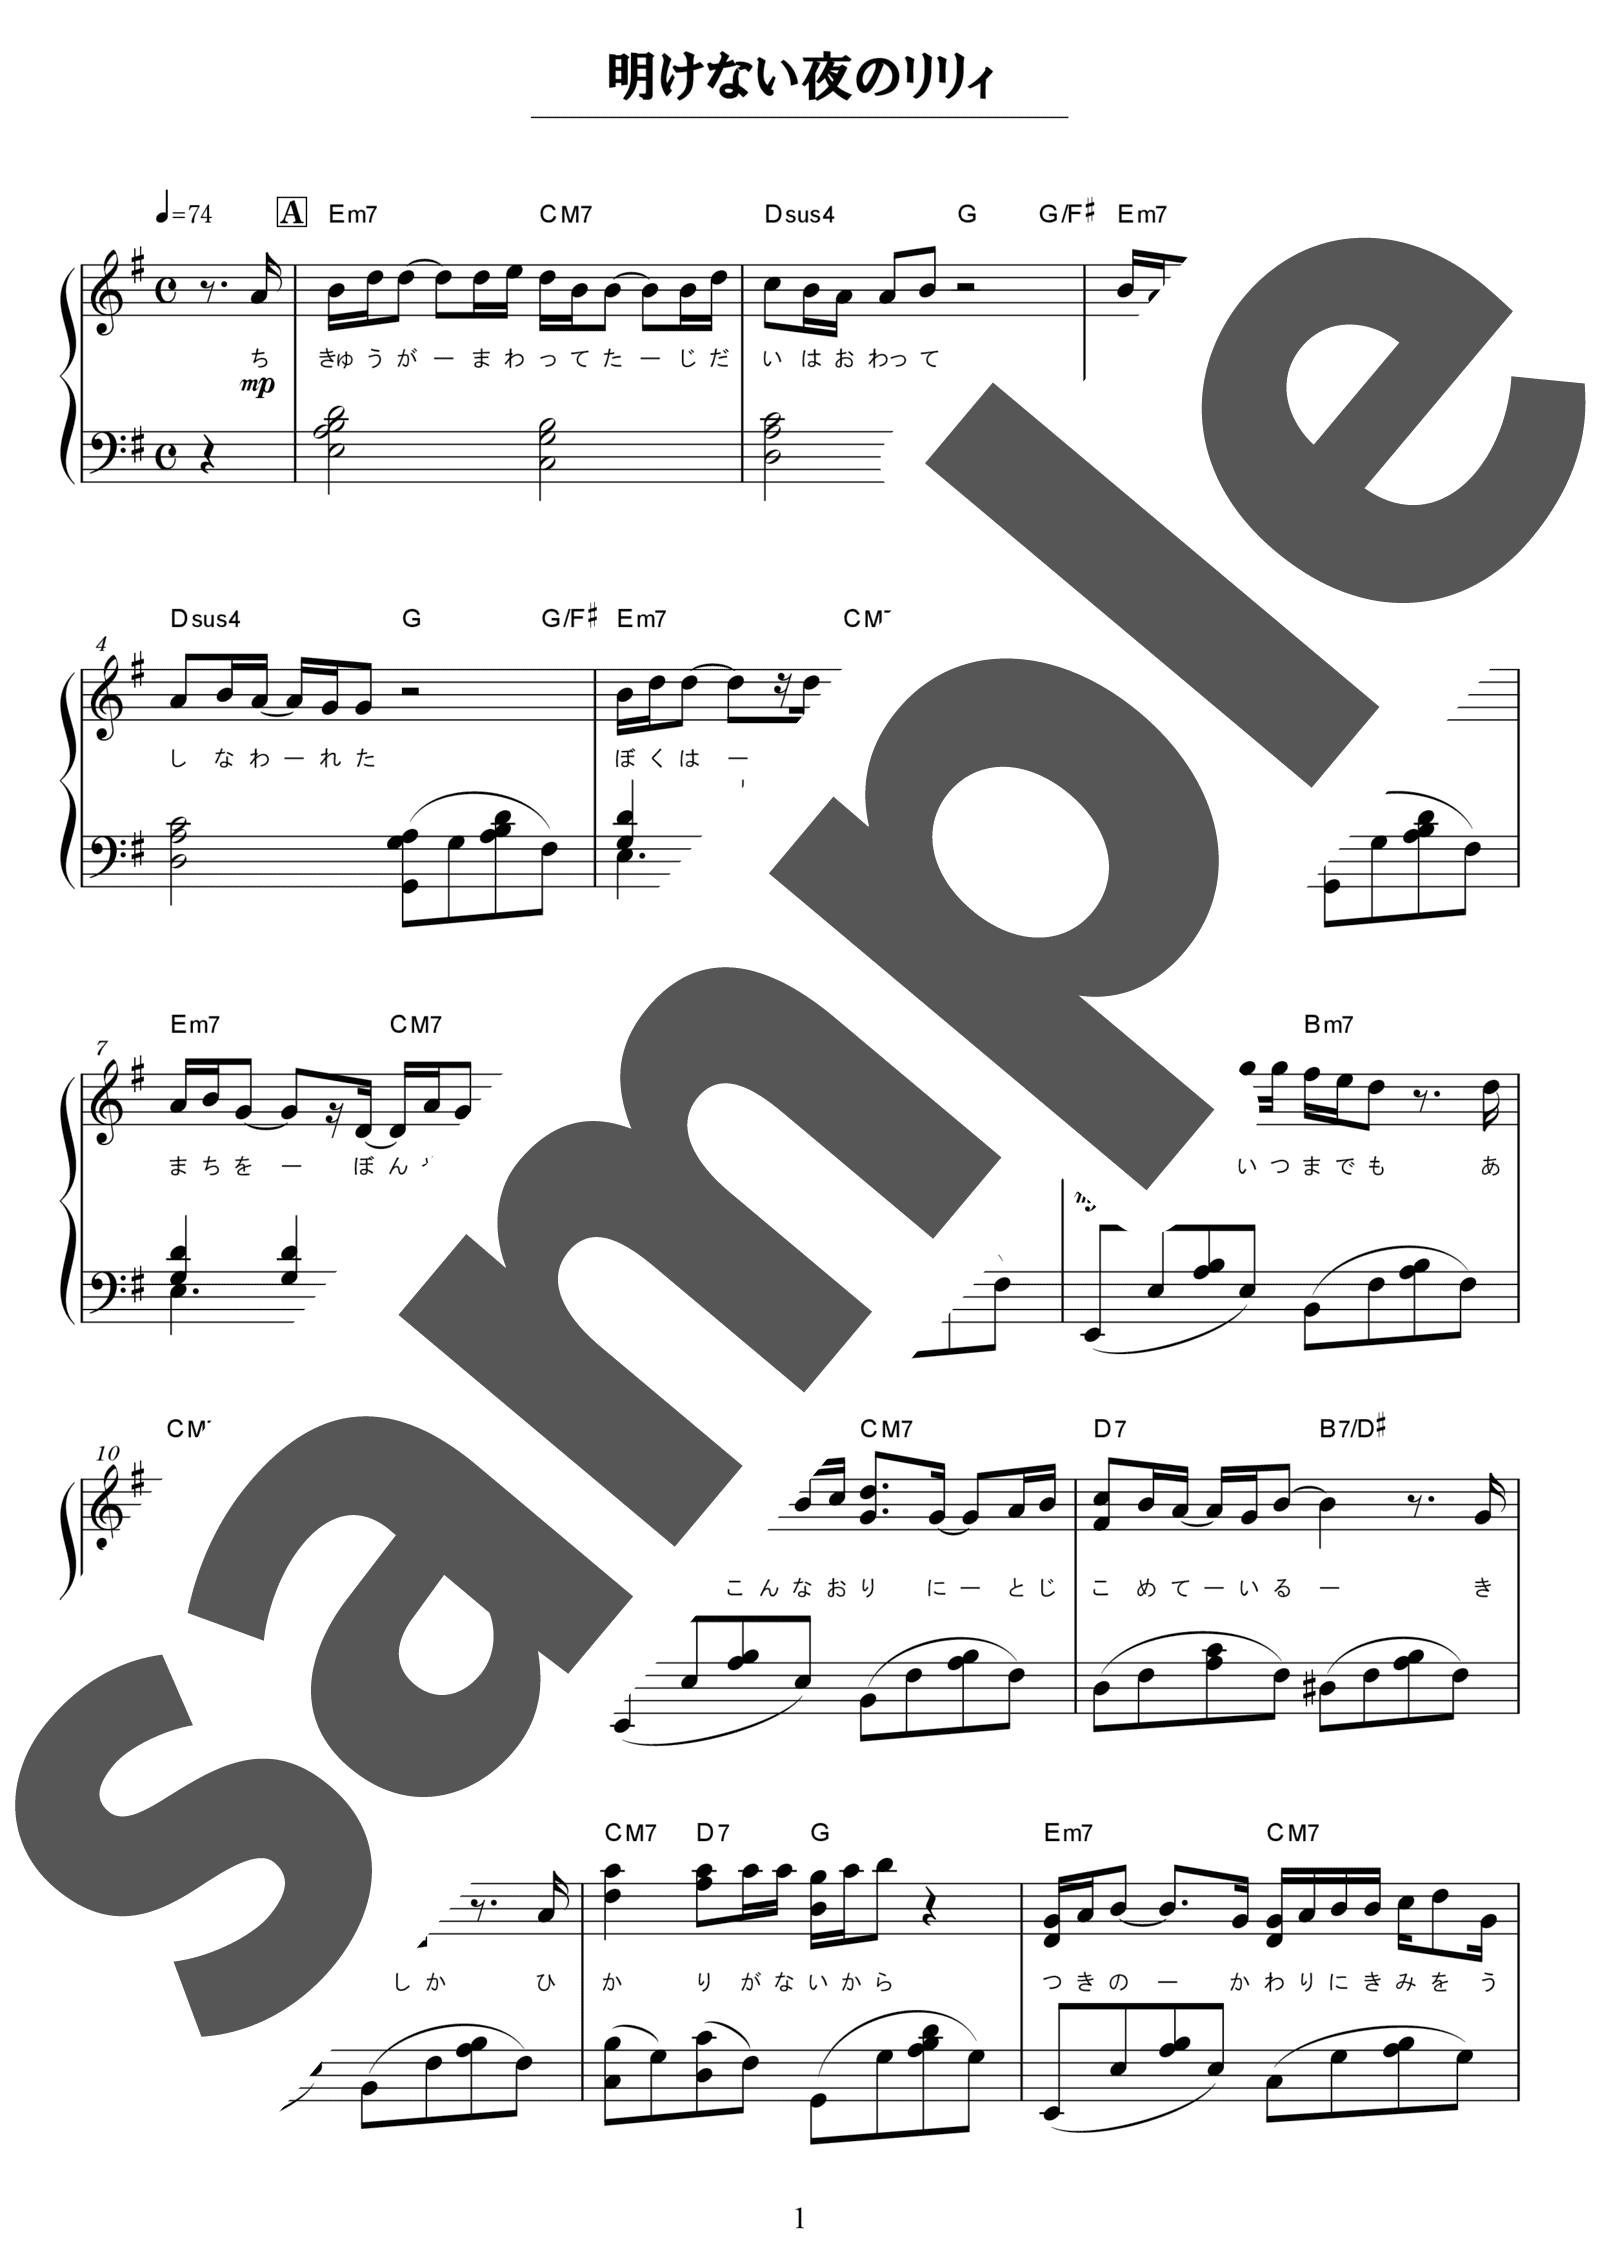 「明けない夜のリリィ」のサンプル楽譜